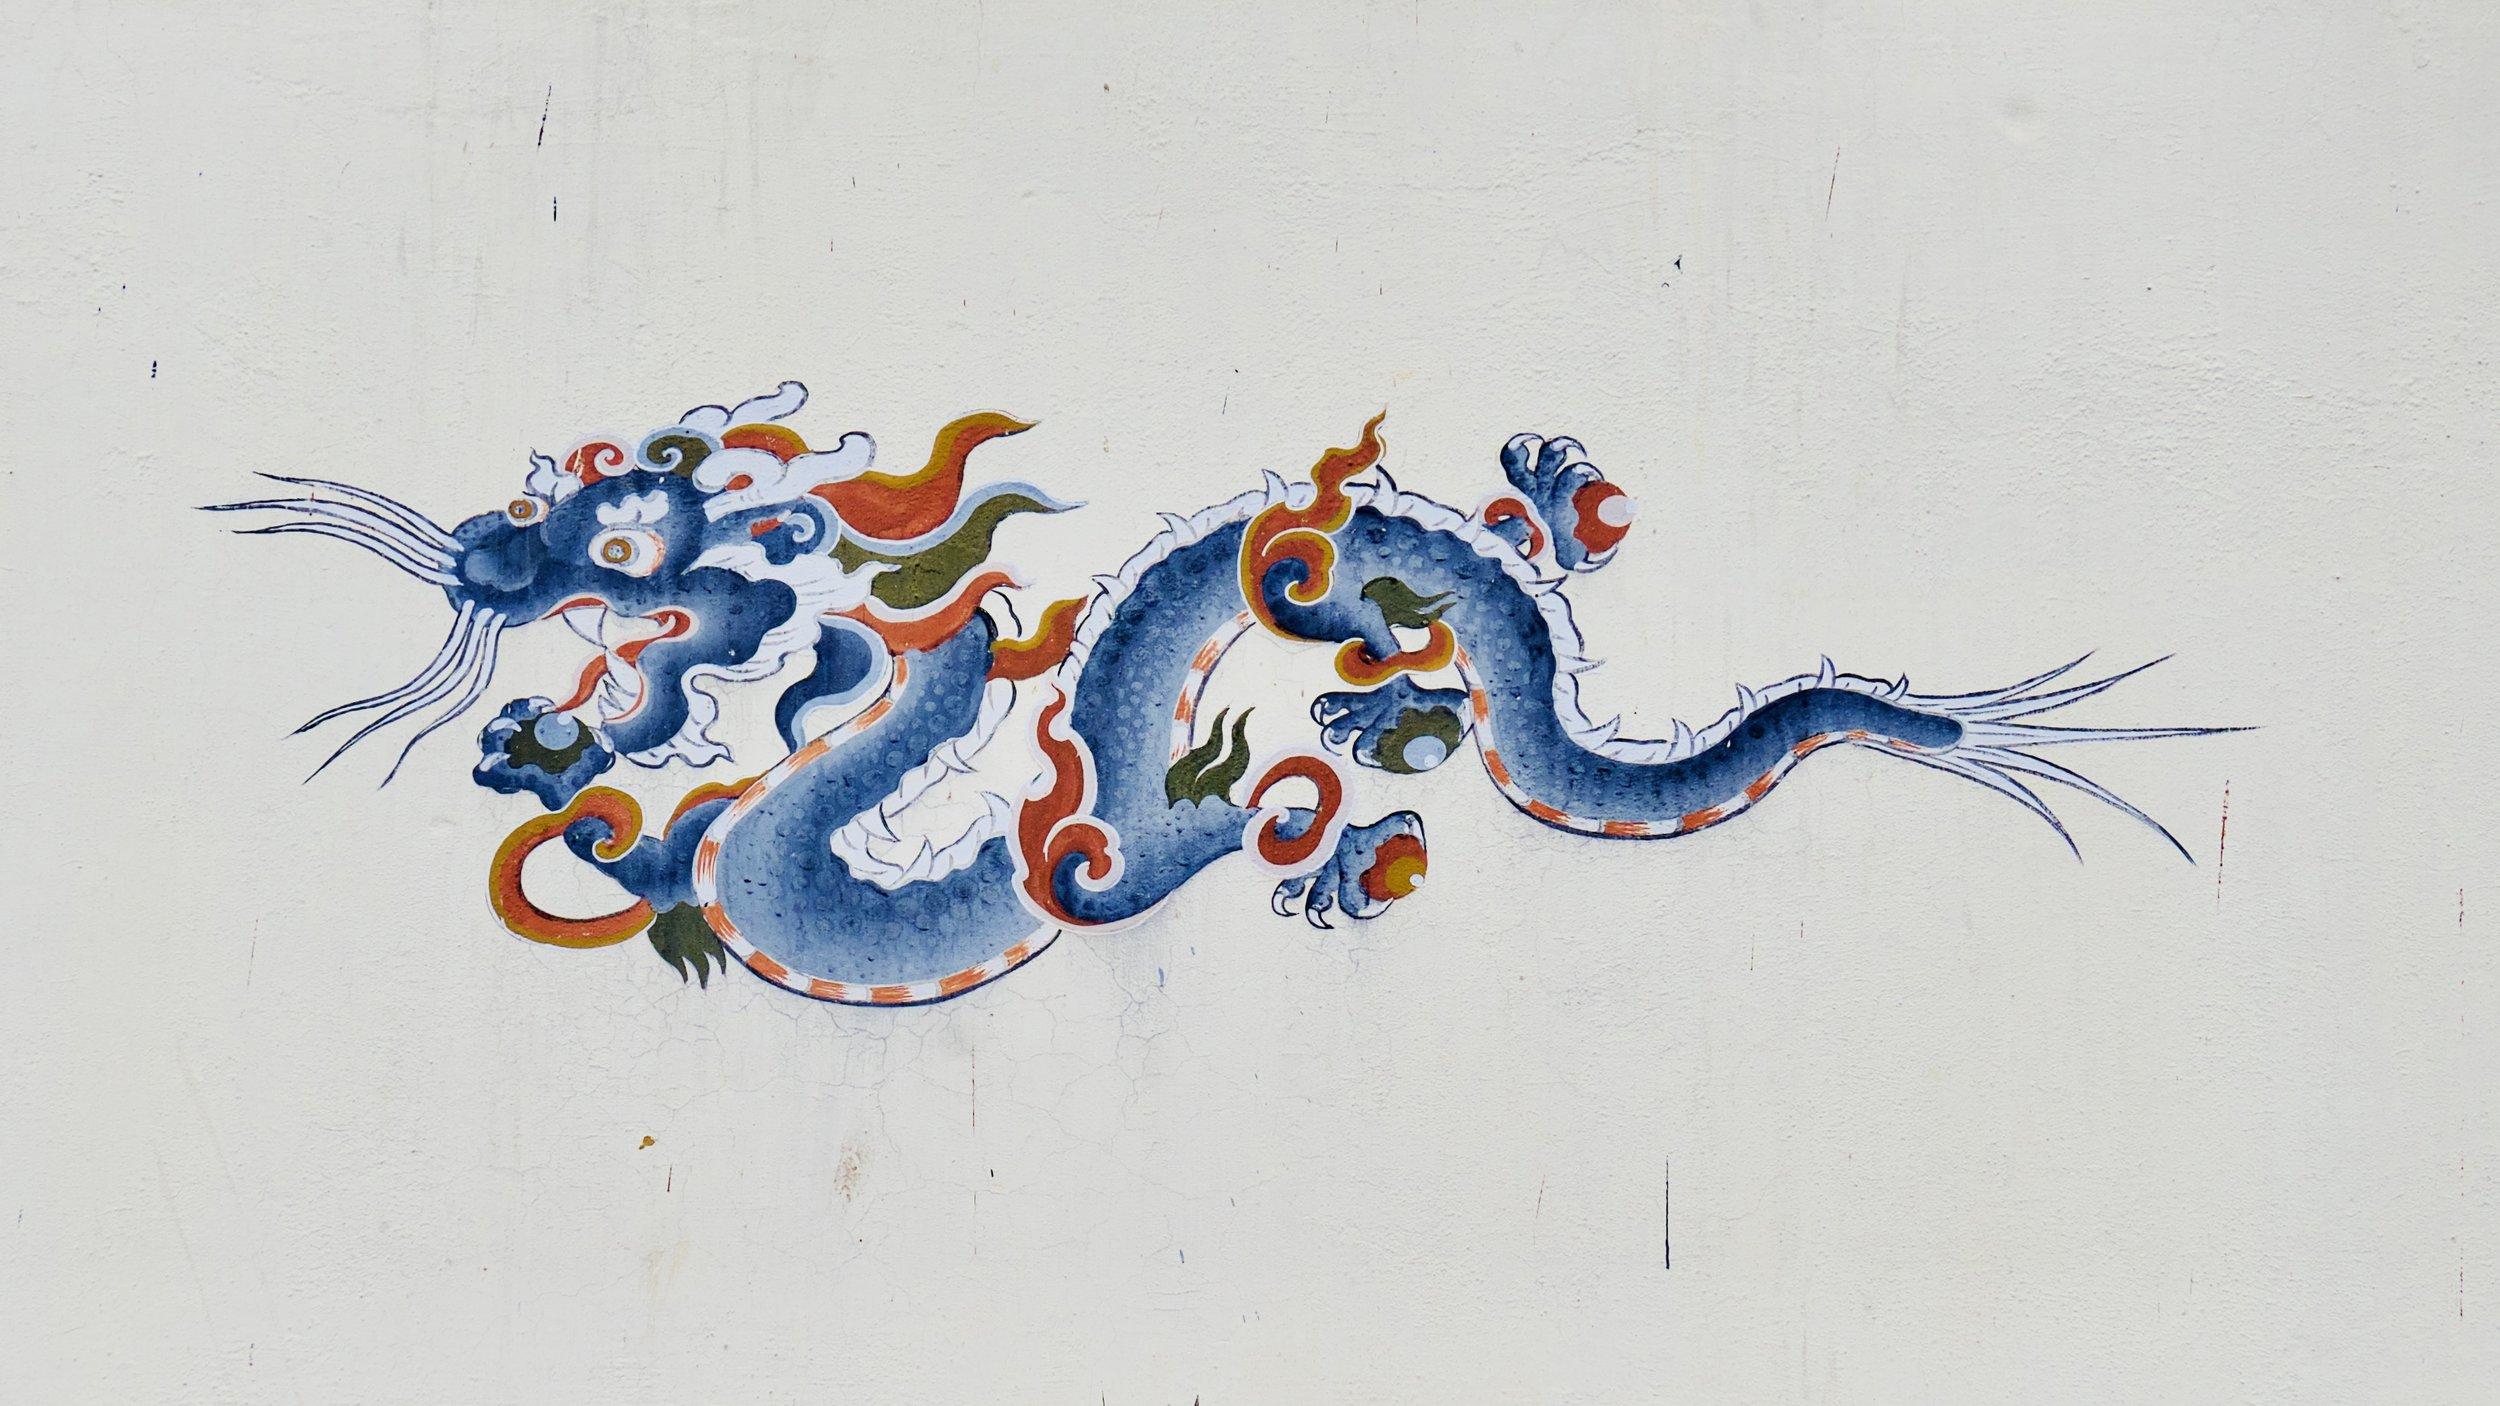 Bhutan - Drakens land